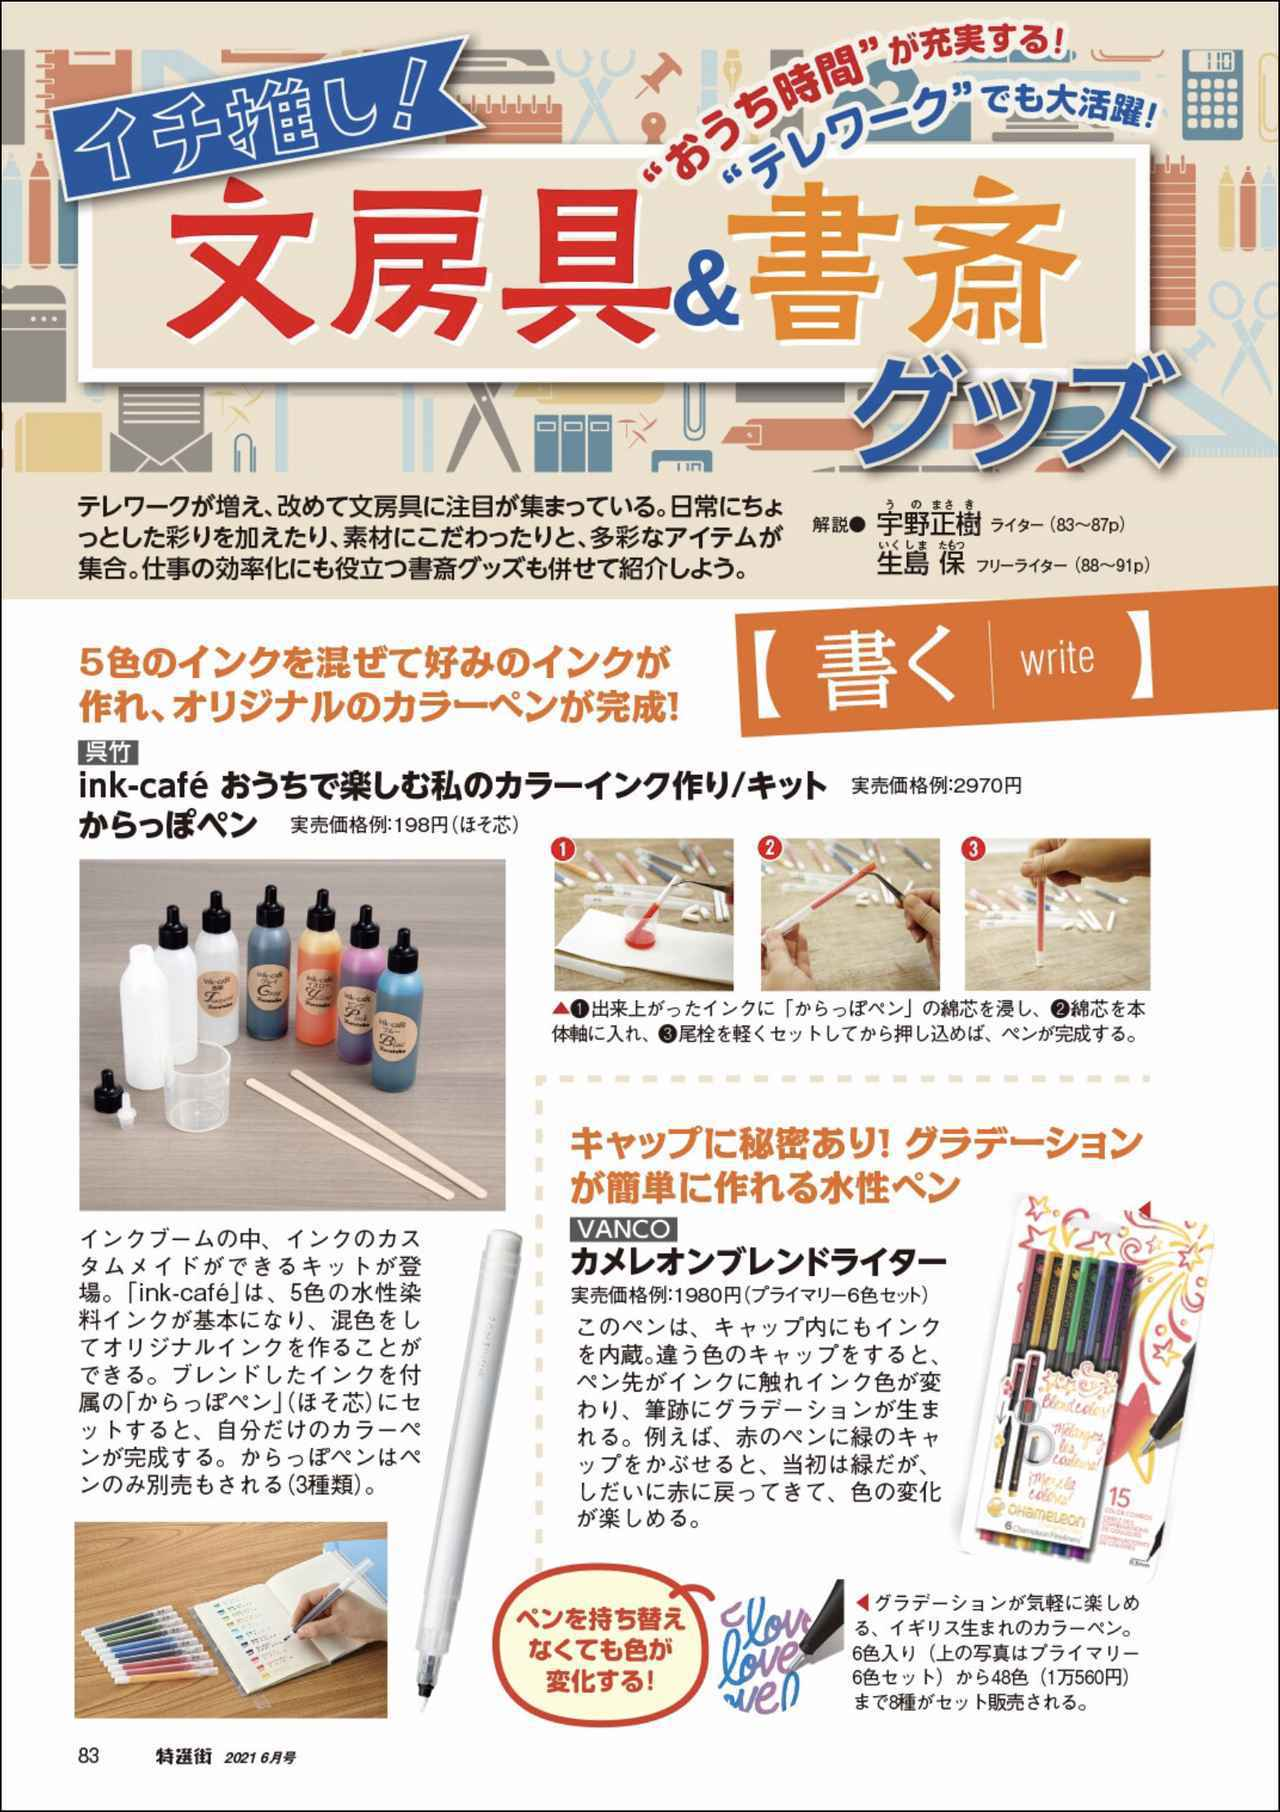 画像5: 【本日発売】『特選街』6月号 ネットショッピング、キャッシュレス決済を大特集!